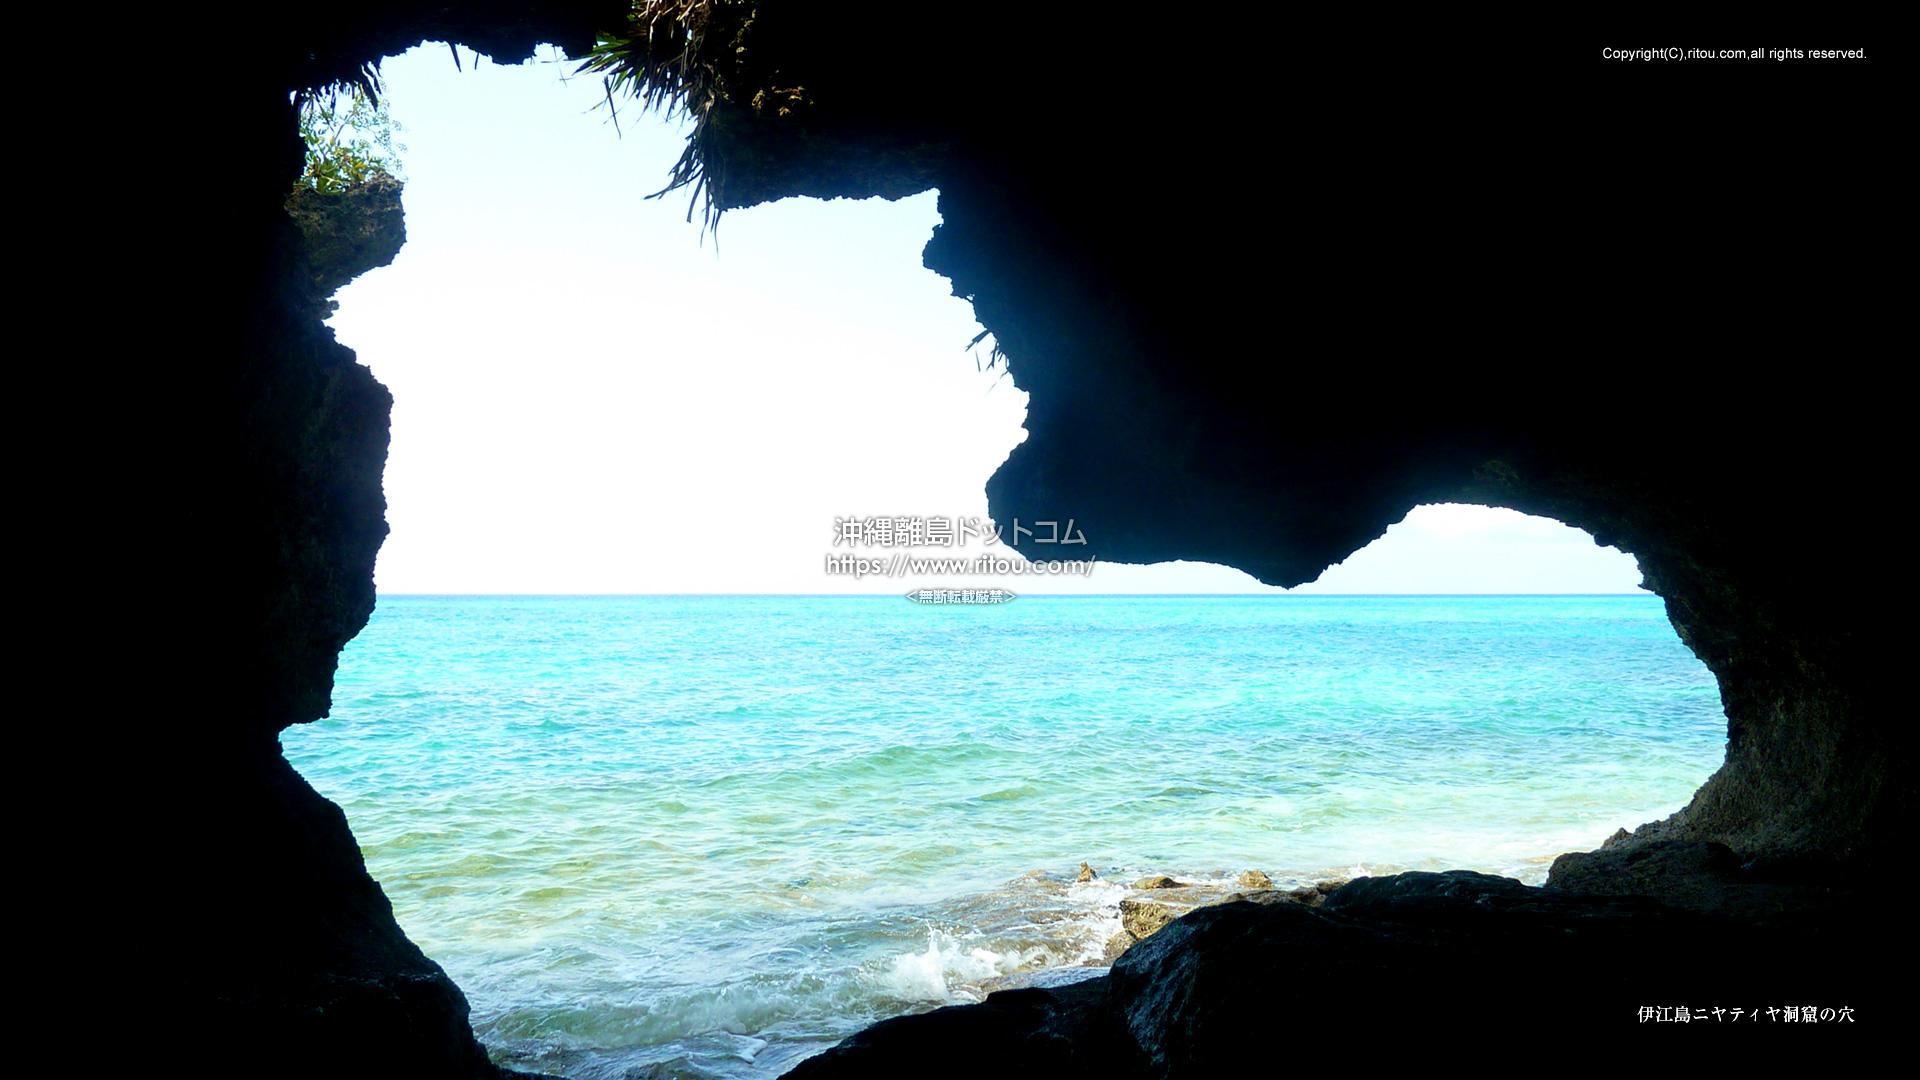 伊江島ニヤティヤ洞窟の穴